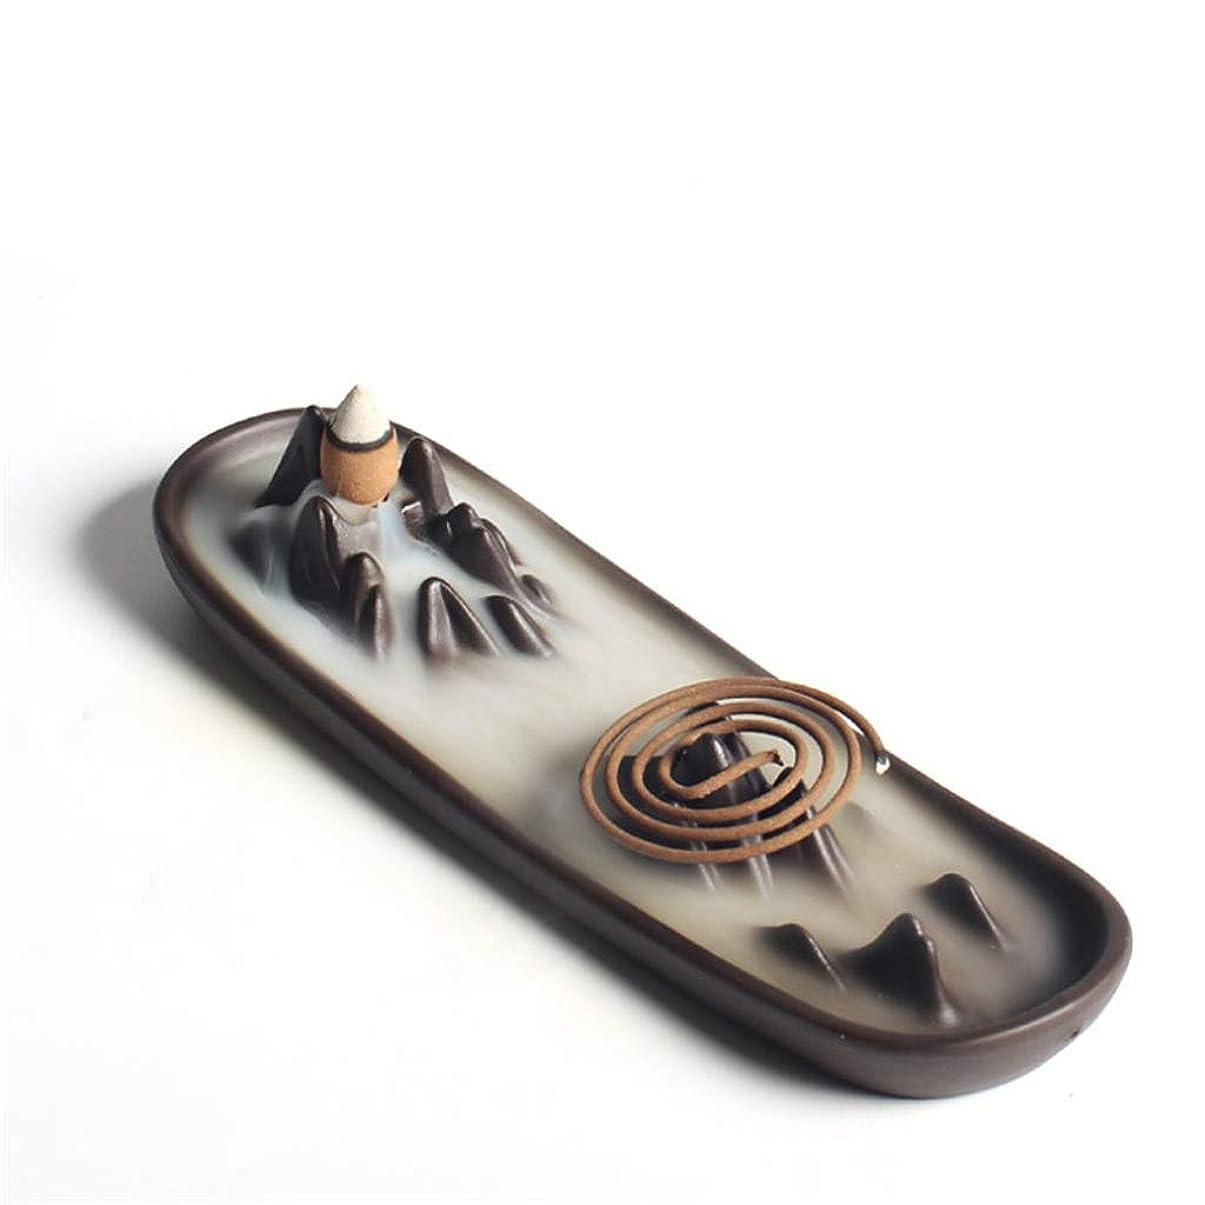 飲み込むメッセージ罪悪感ホームアロマバーナー 逆流香バーナー家の装飾セラミックアロマセラピー仏教の滝香炉香コイルスティックホルダー 芳香器アロマバーナー (Color : A)